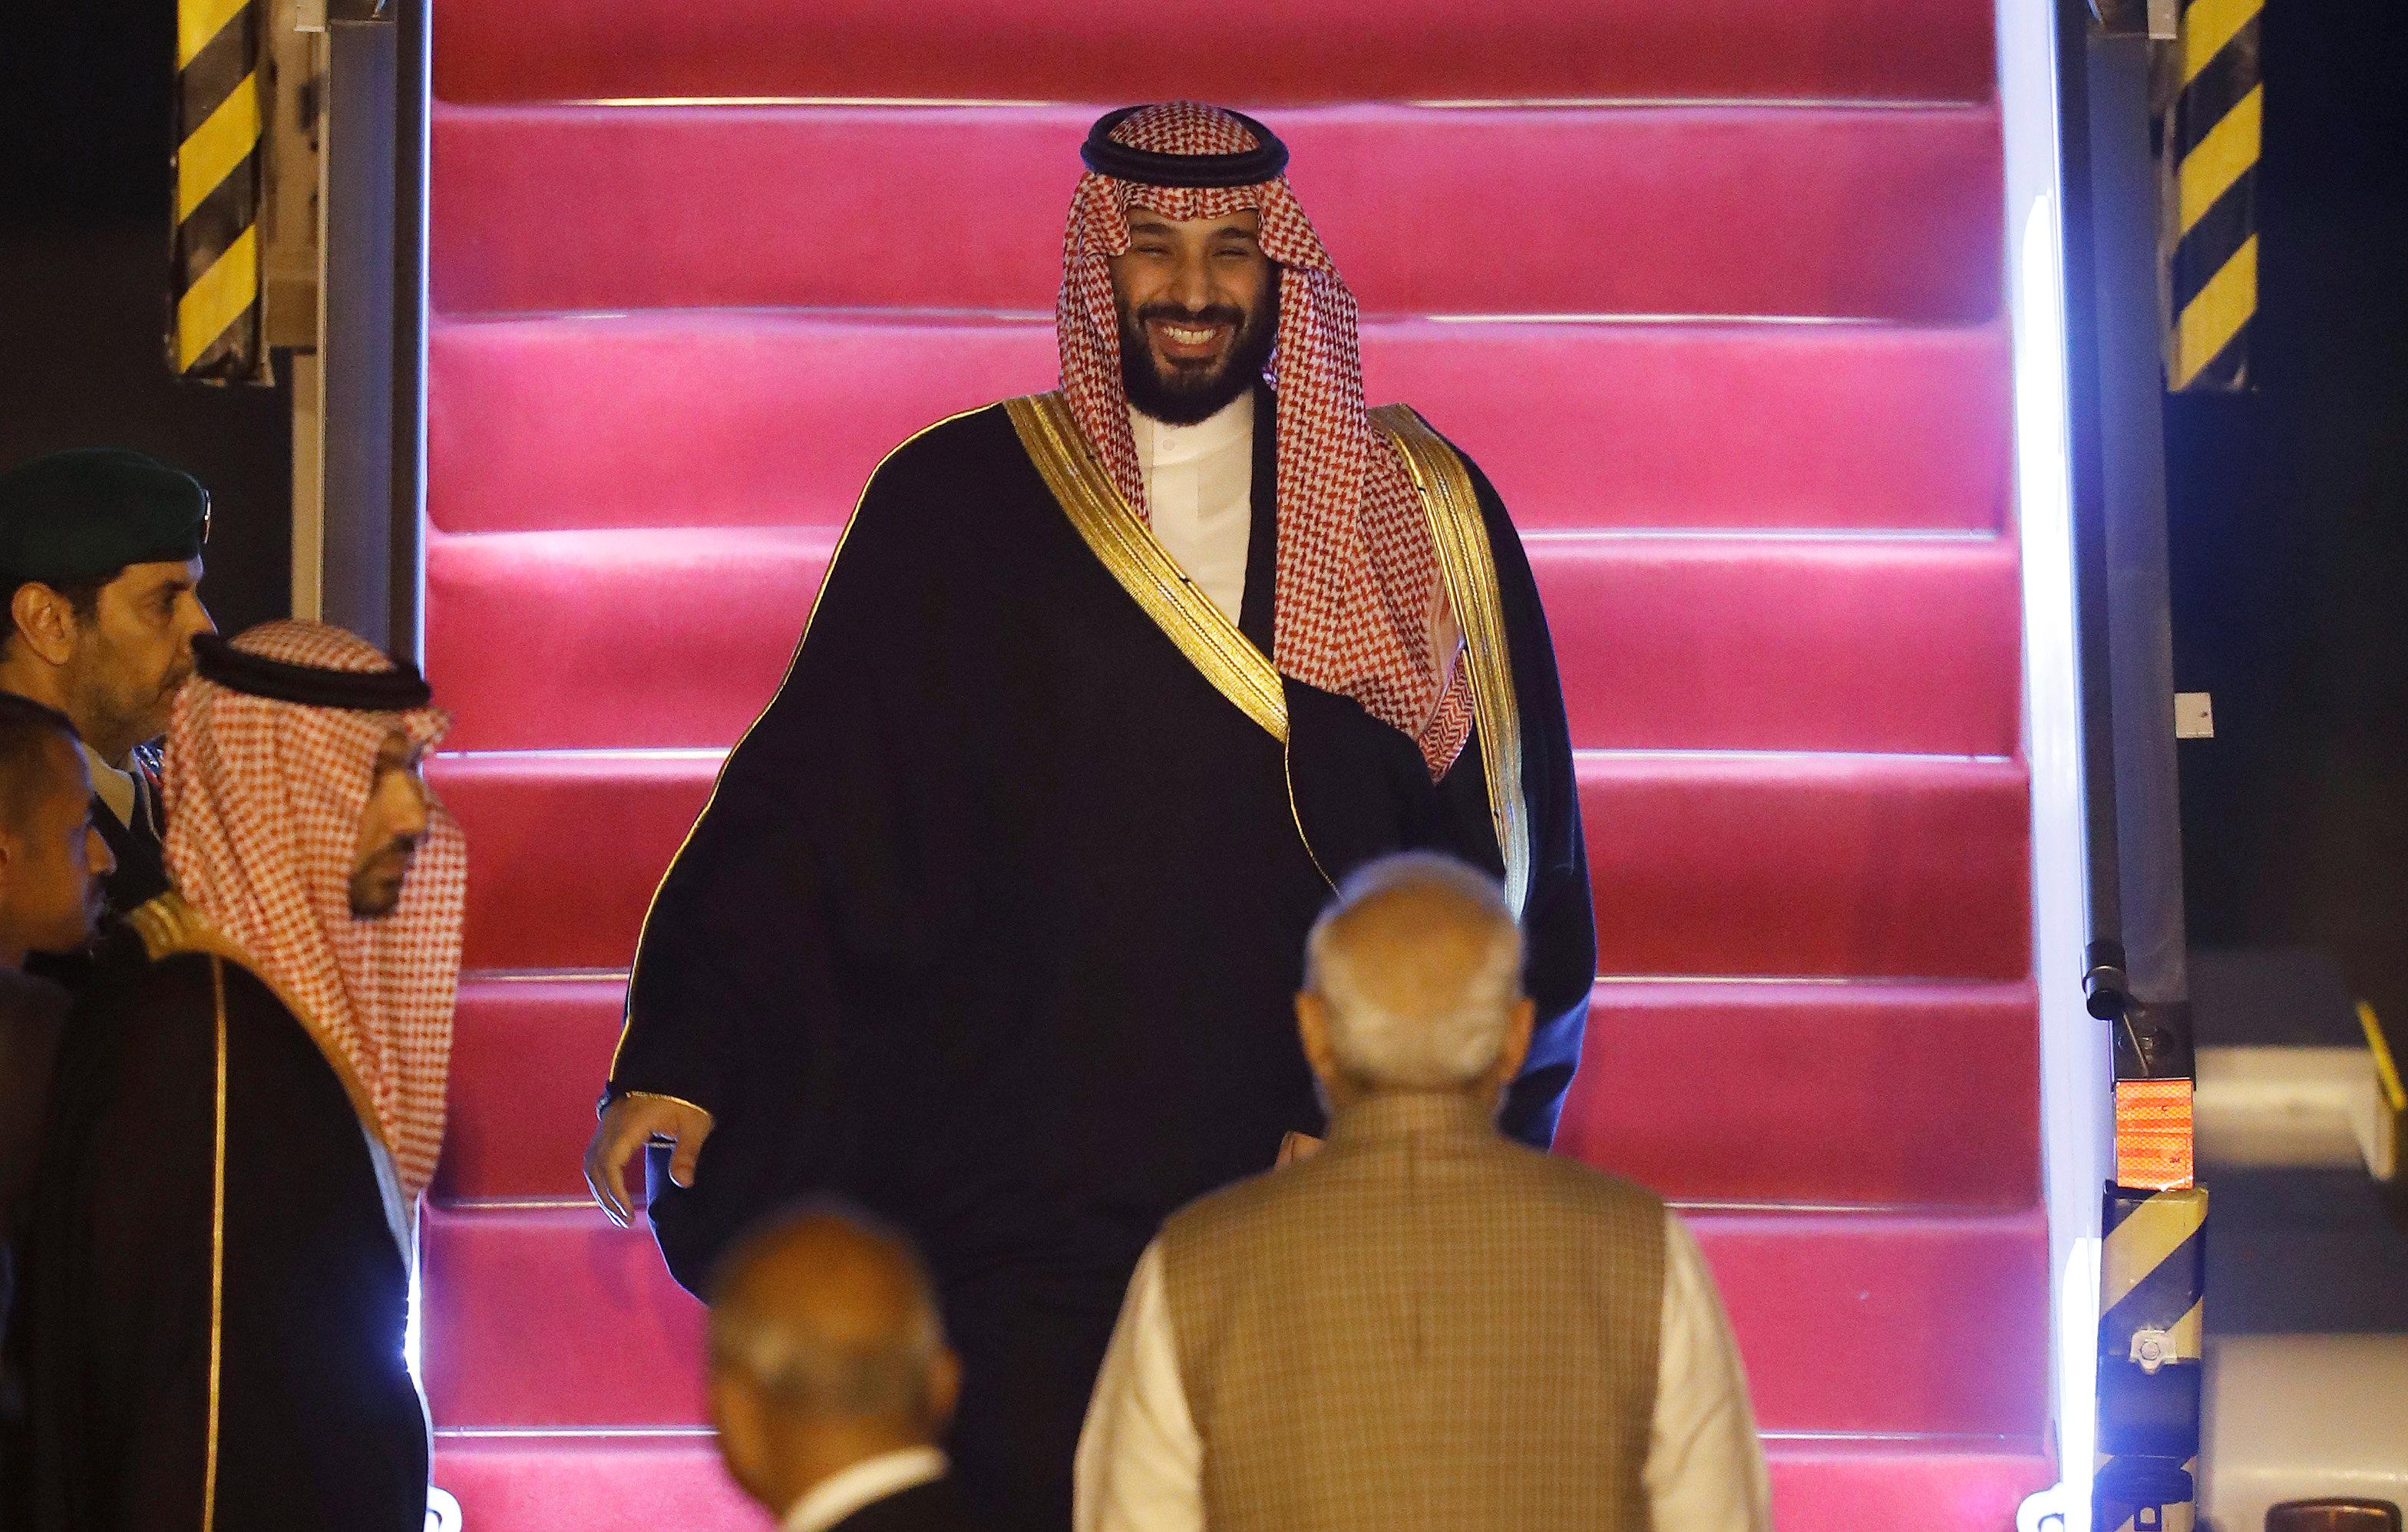 الأمير محمد بن سلمان يصل الهند